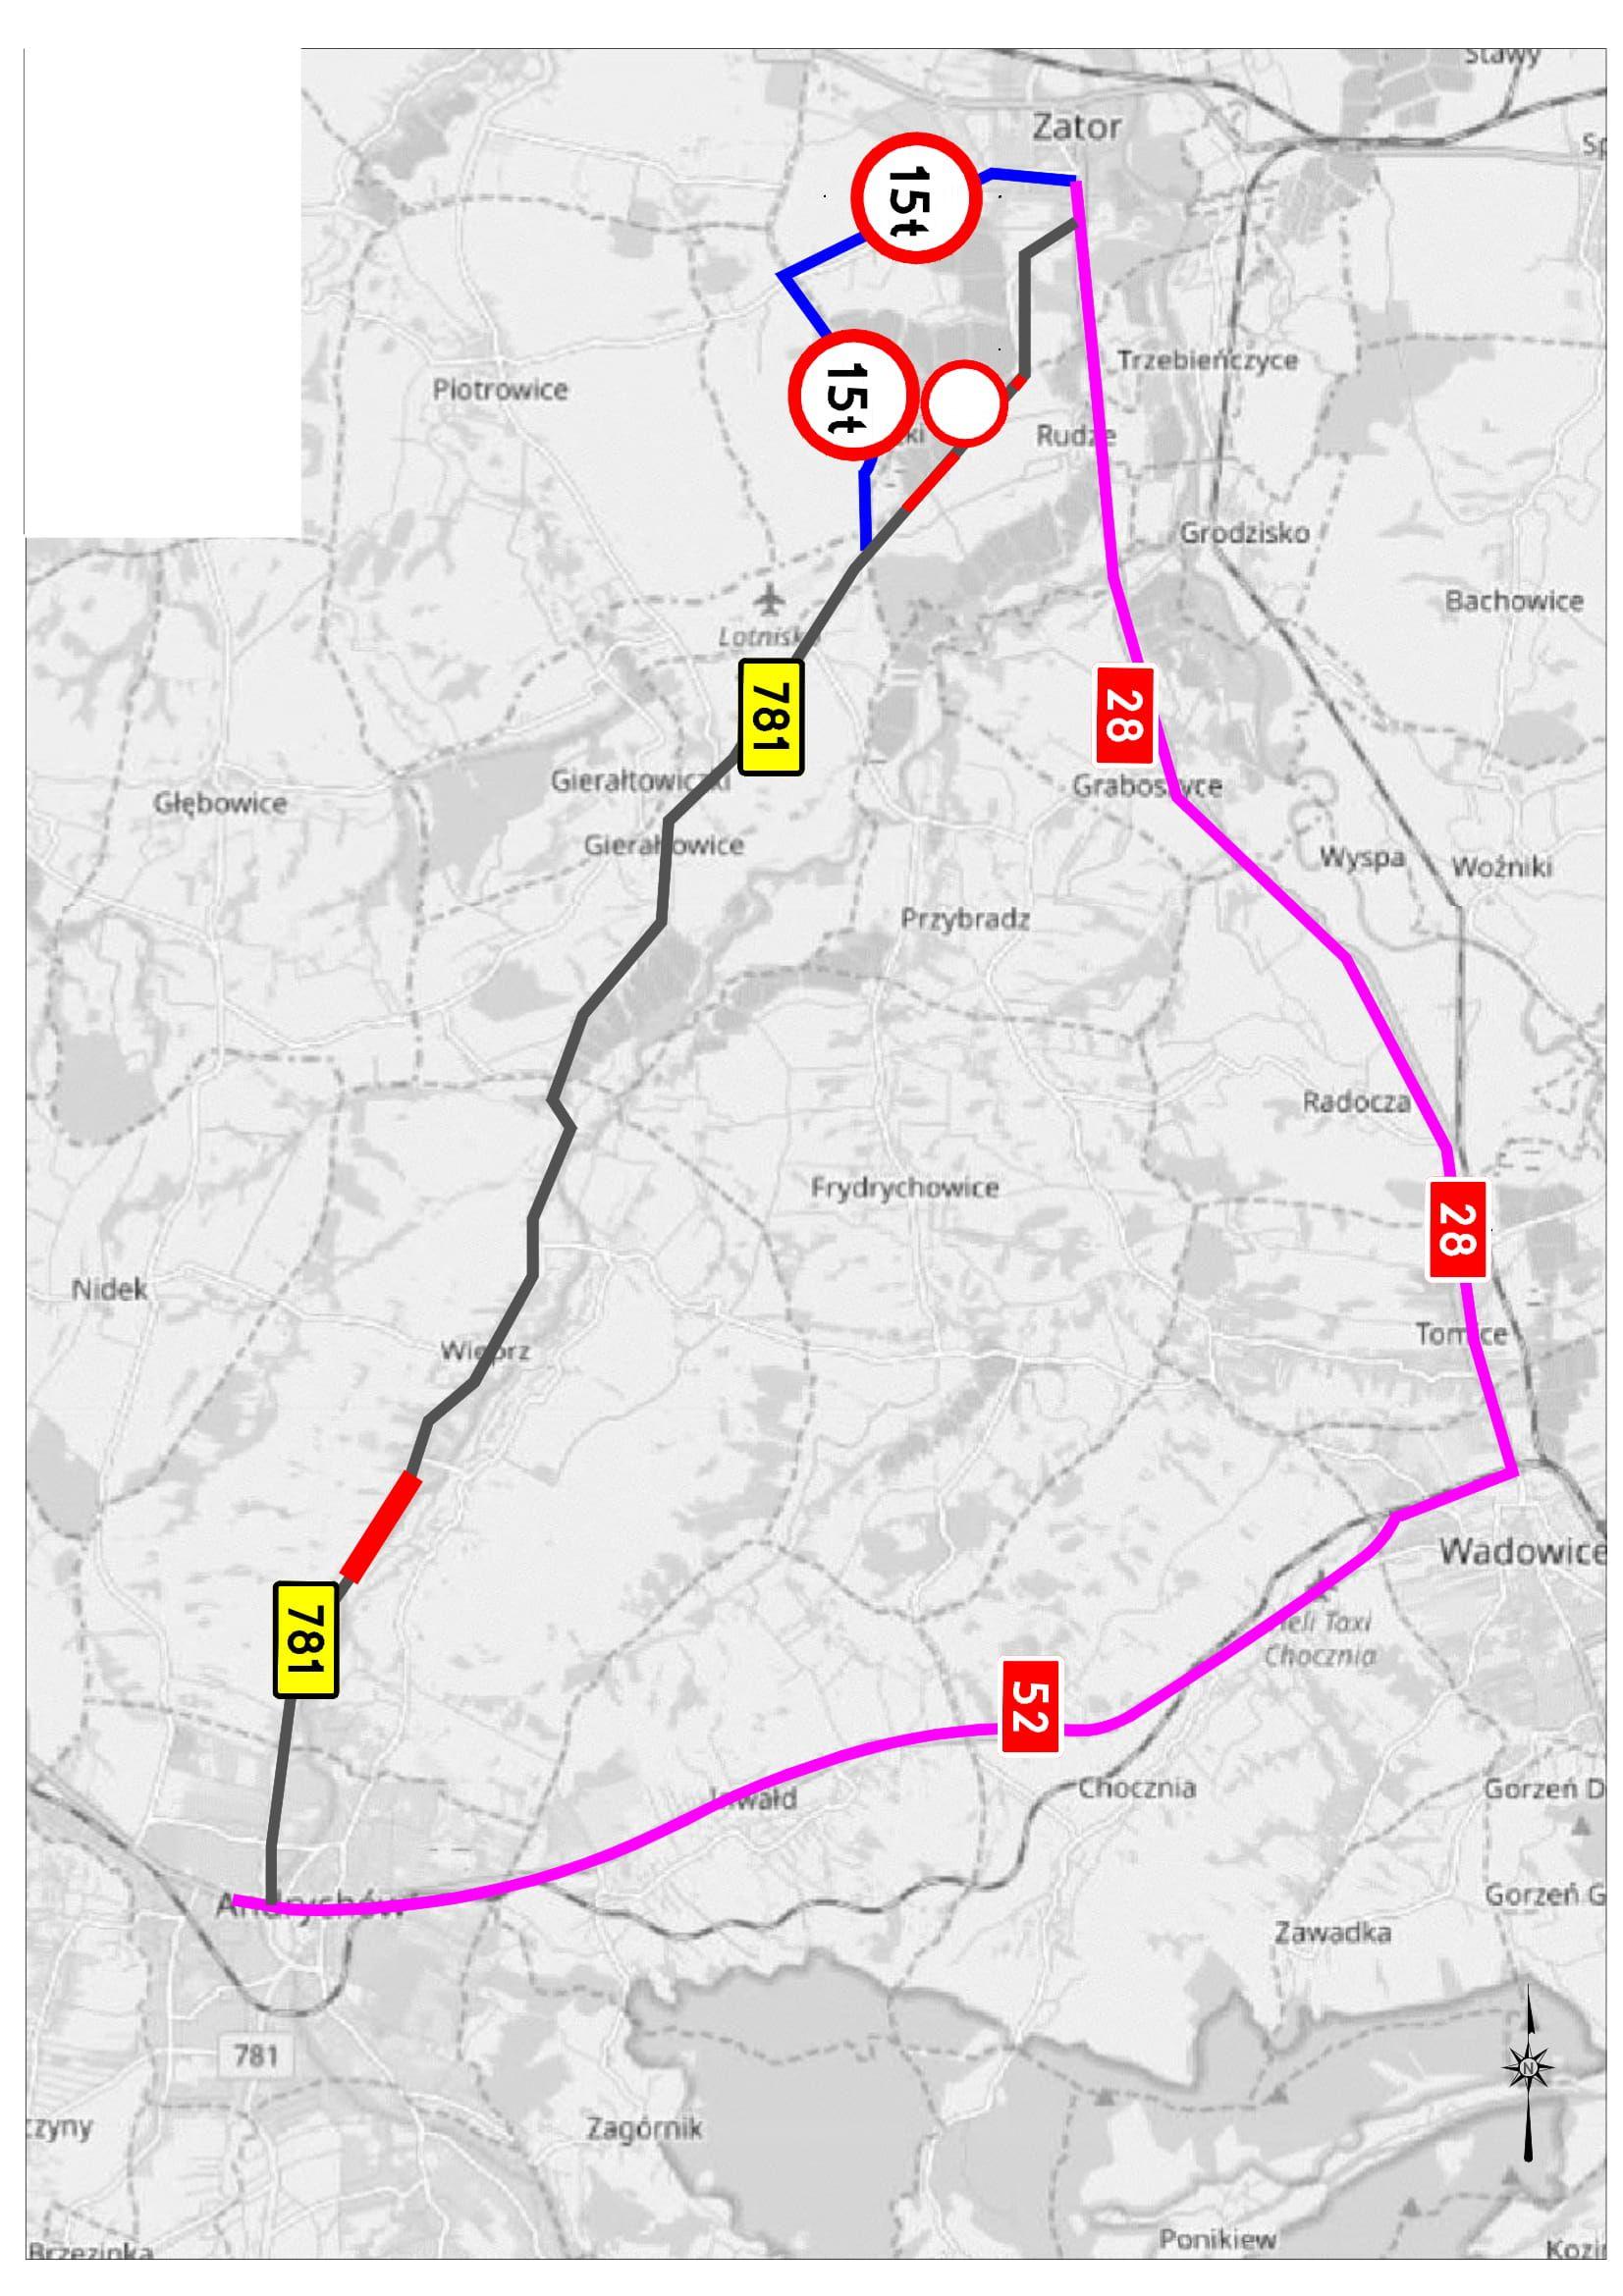 Wkrótce ruszy remont drogi wojewódzkiej Andrychów - Zator. Ważne informacje dla kierowców